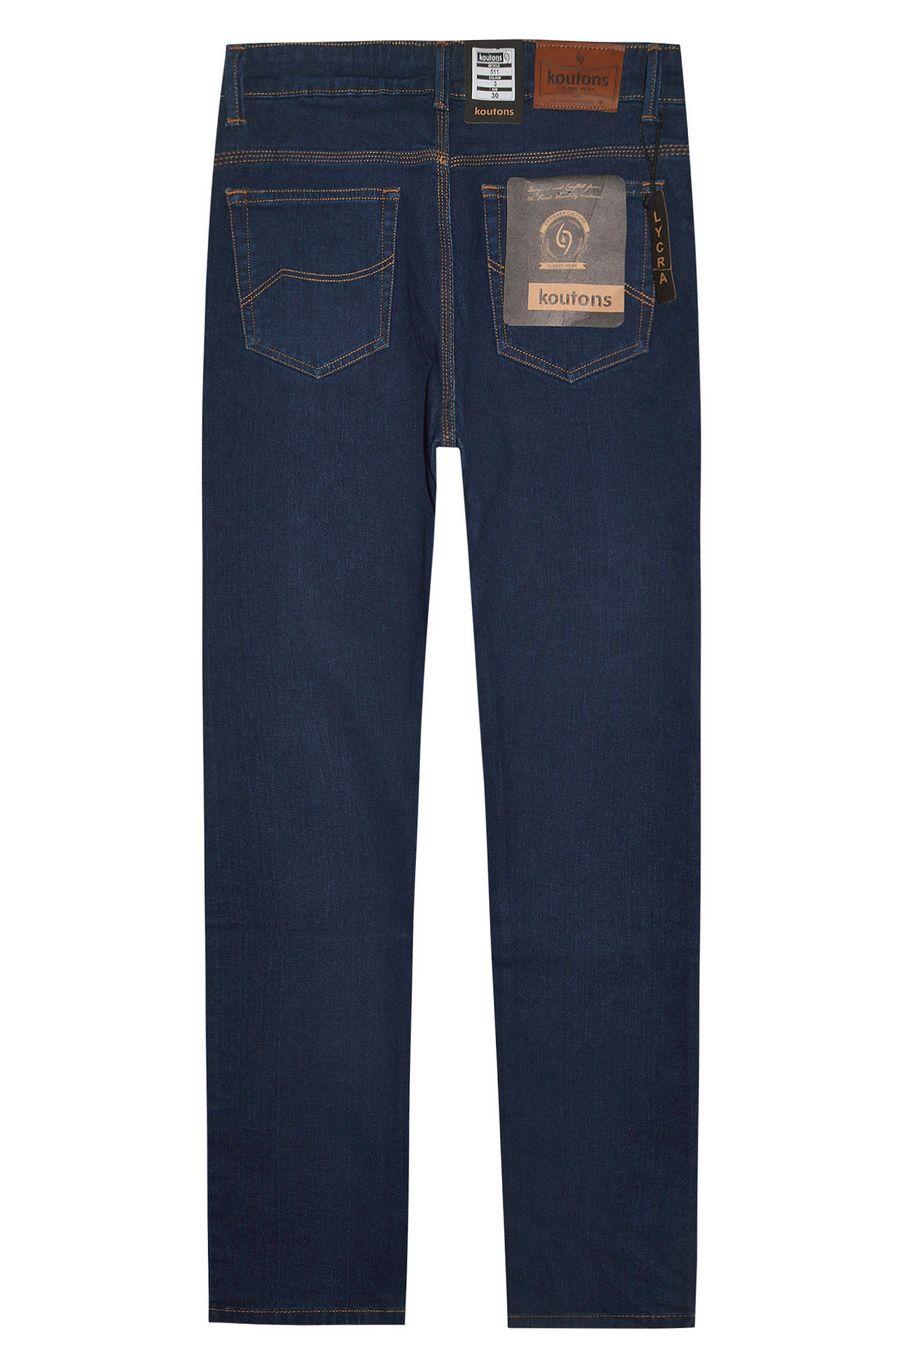 Джинсы мужские Koutons 511-3 Stretch Light Blue (30-34) - фото 2